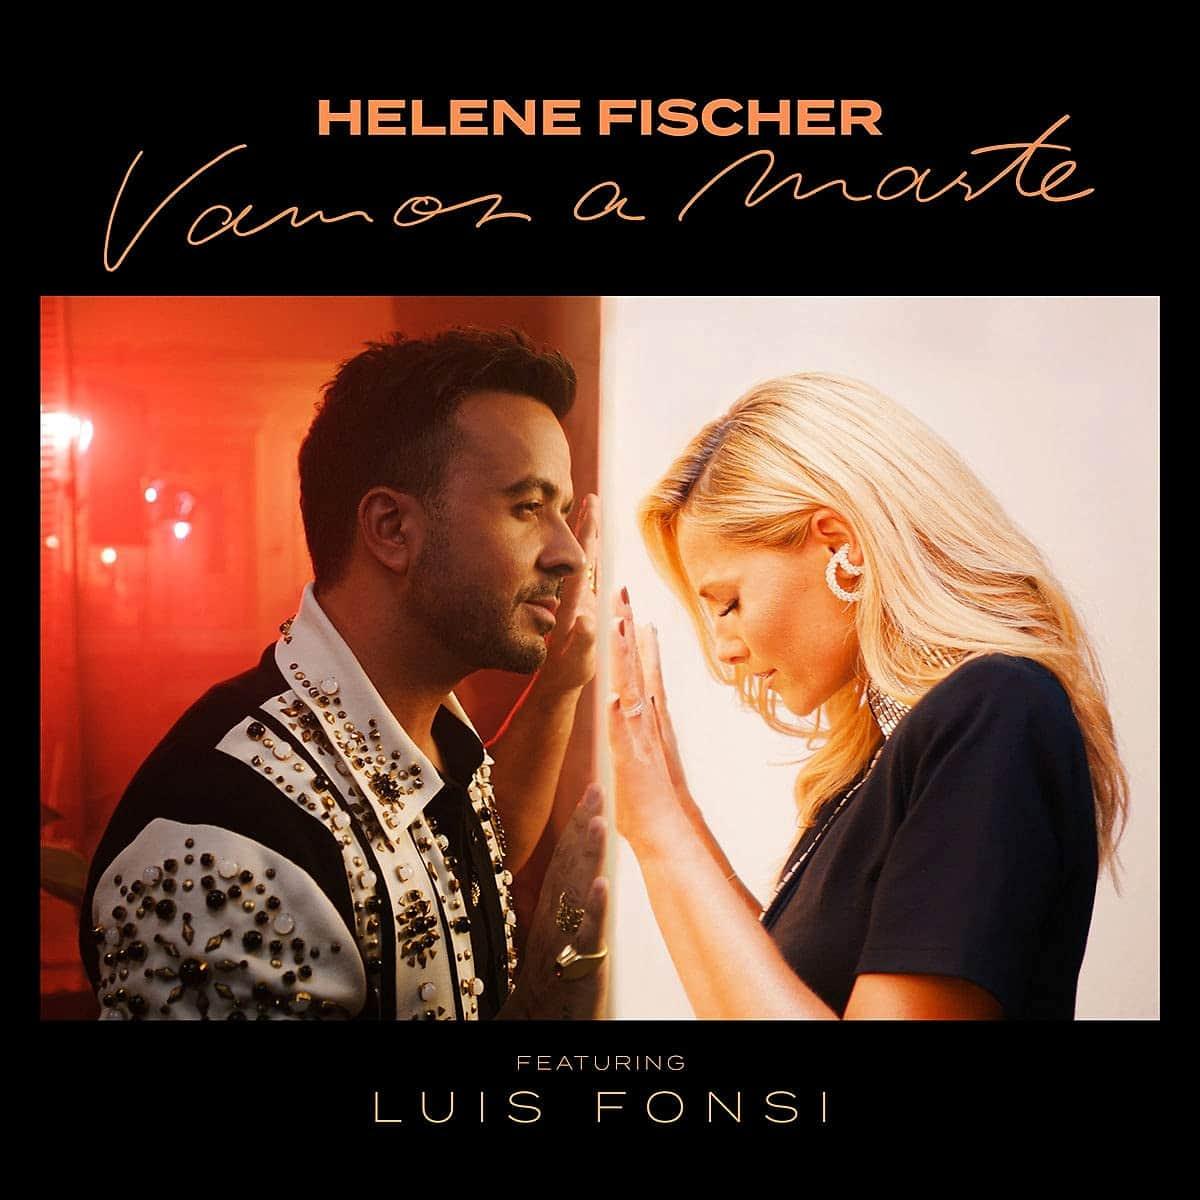 Helene Fischer & Luis Fonsi - neuer Song Vamos a Marte